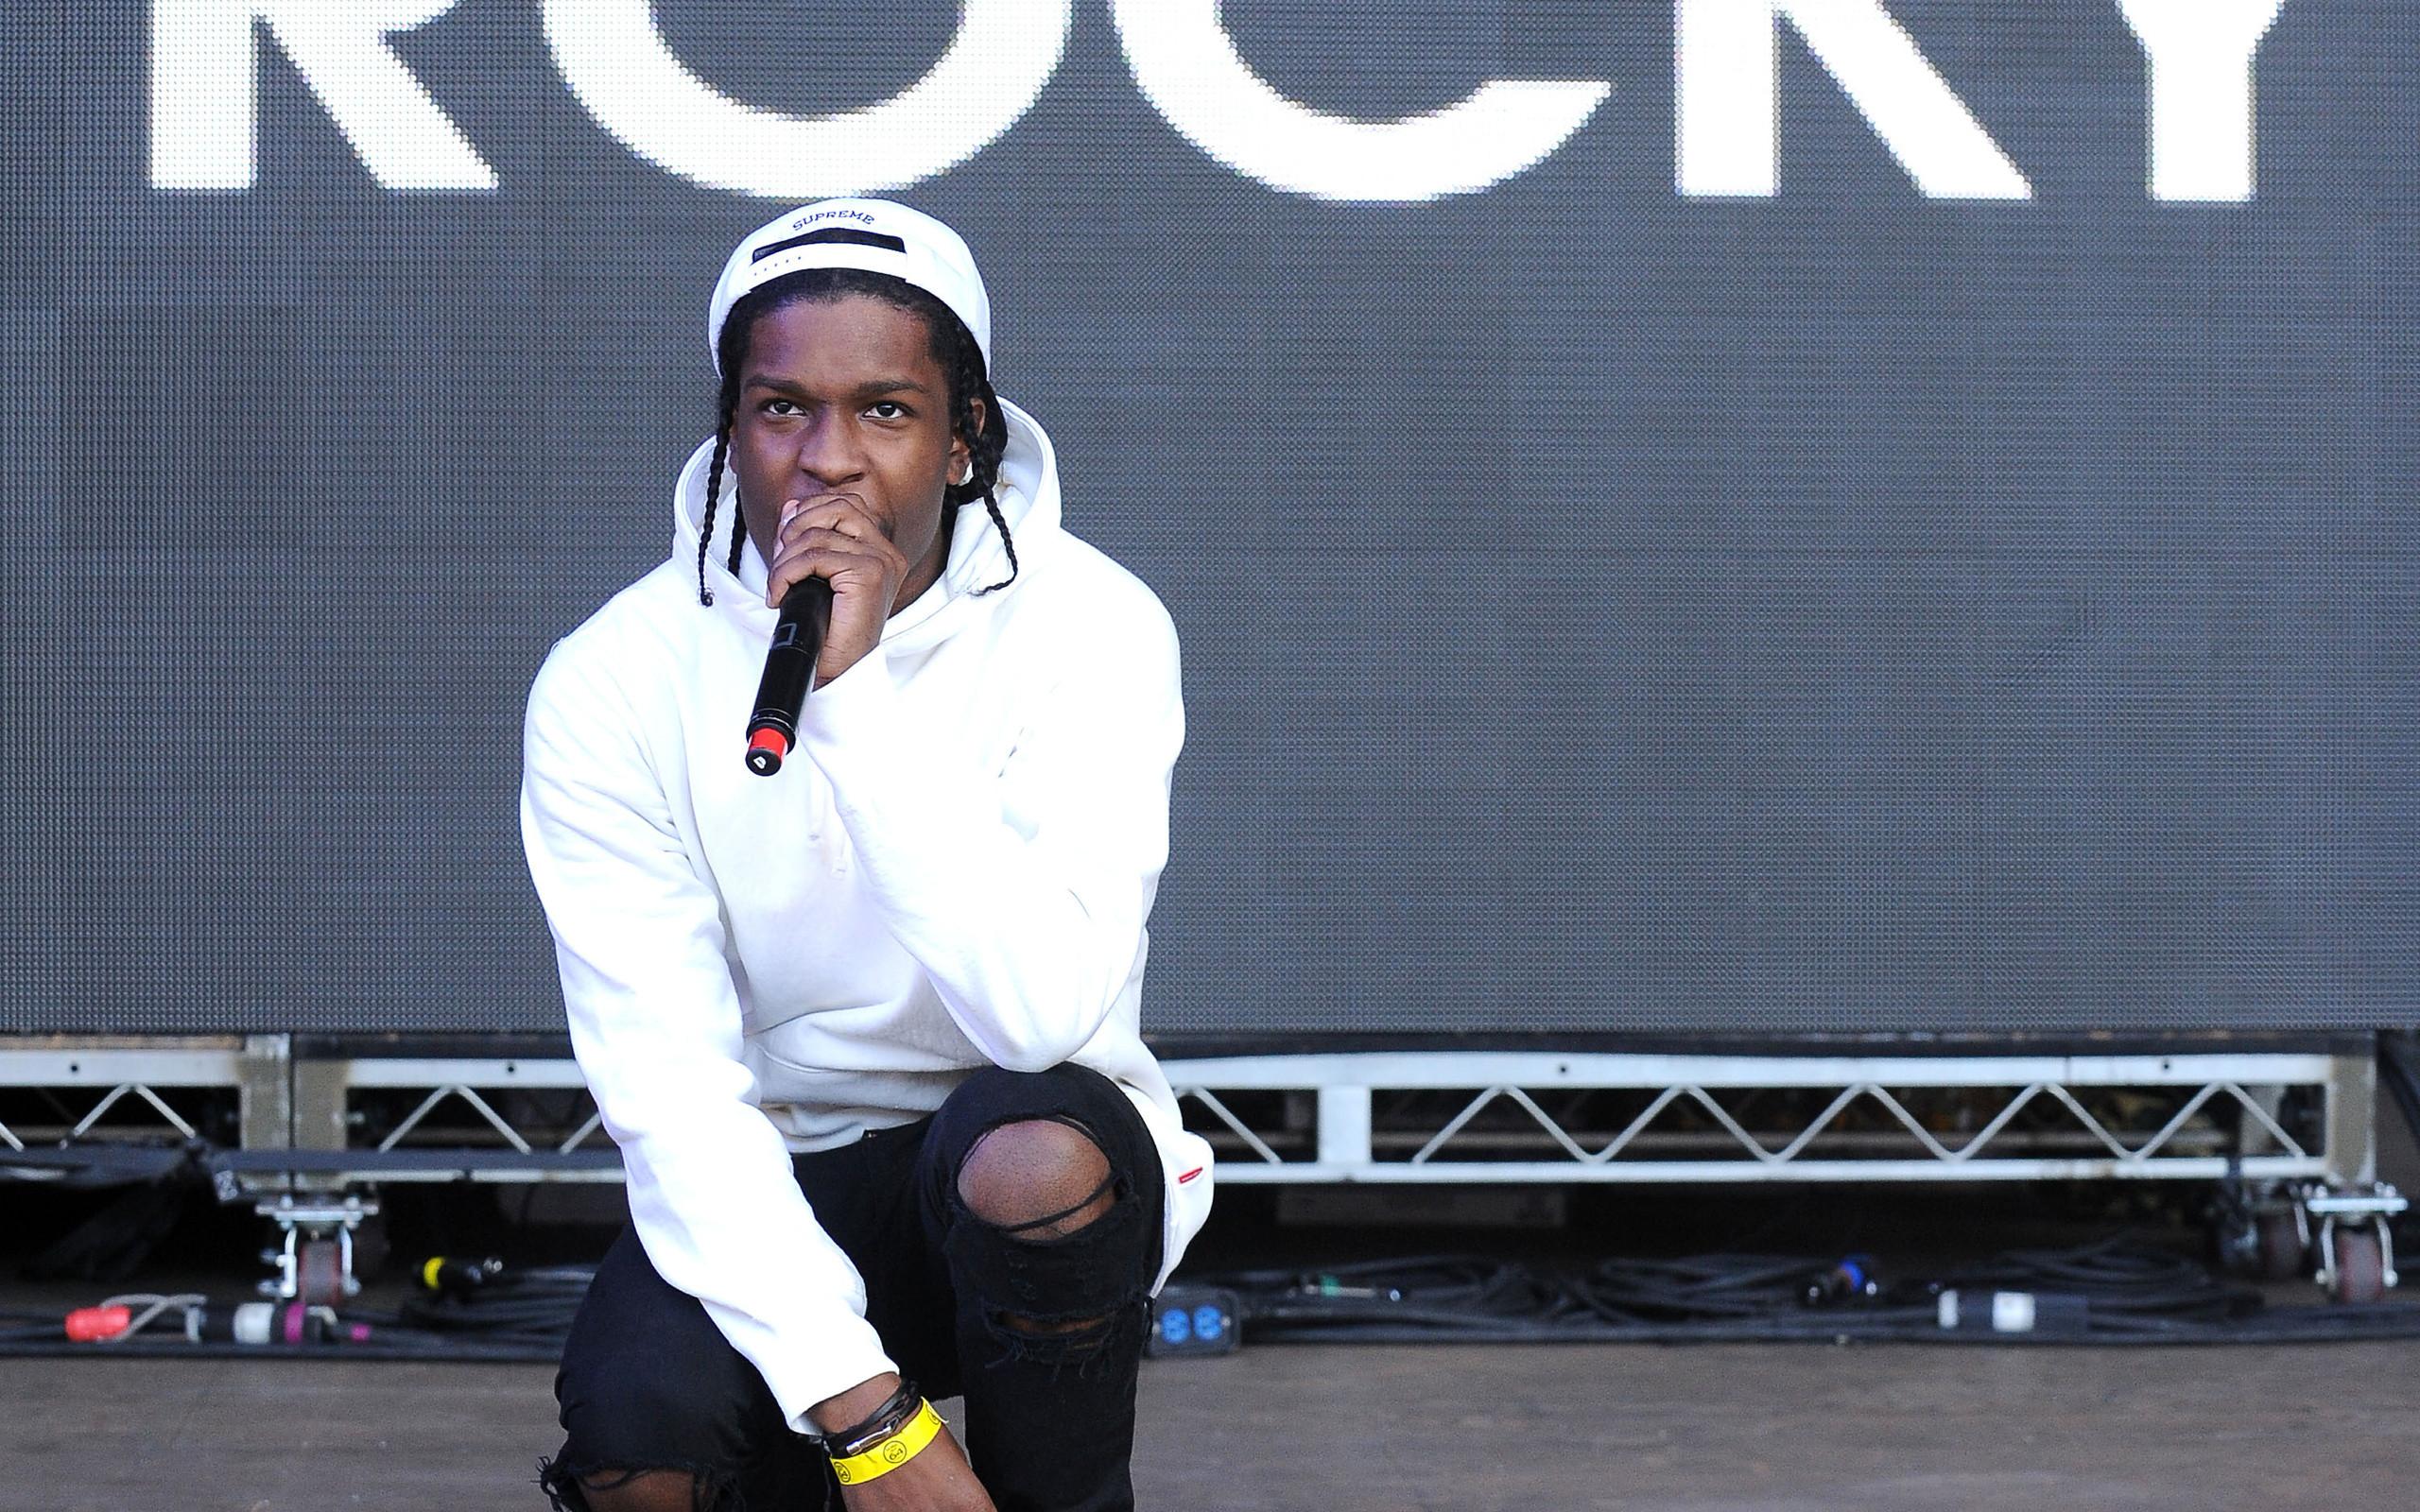 17 Best ideas about Asap Rocky on Pinterest | Asap rapper, Asap .